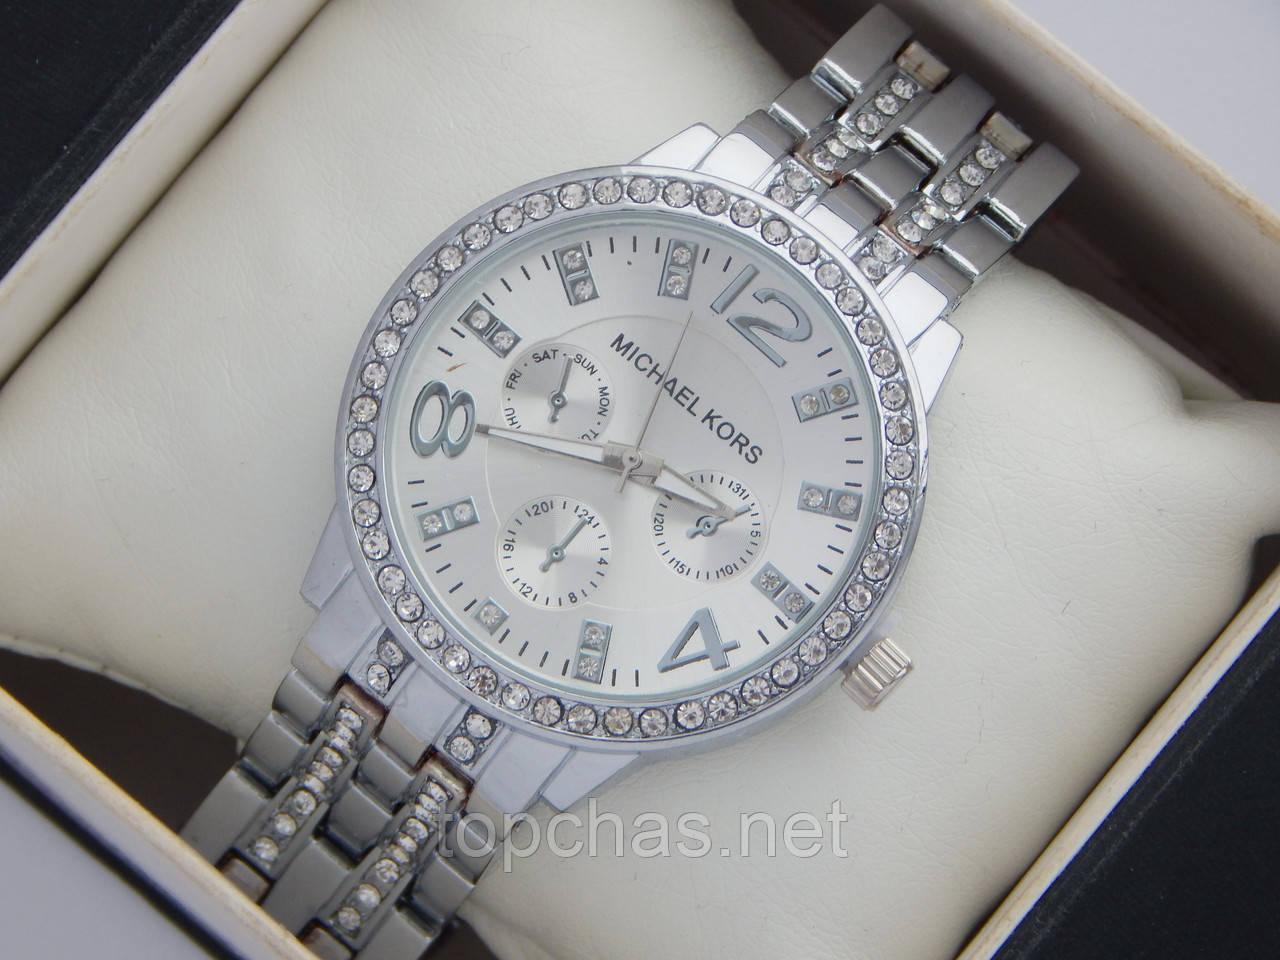 e8281c6d9fe5 Стильные женские часы Michael Kors с большим количеством страз - Top Chas -  Интернет магазин Вашего